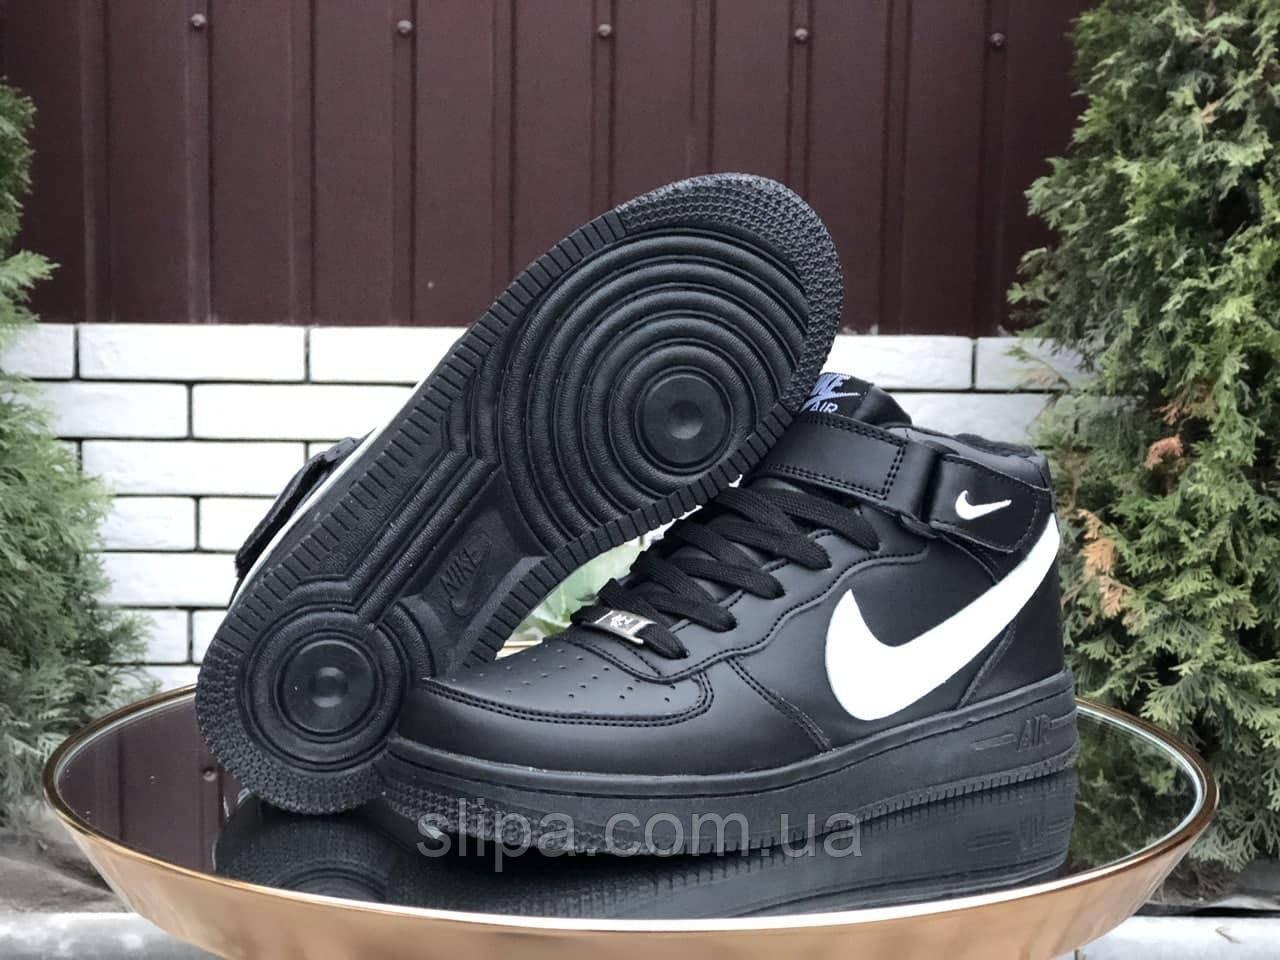 Чоловічі шкіряні зимові кросівки Nike Air Force чорні з білим